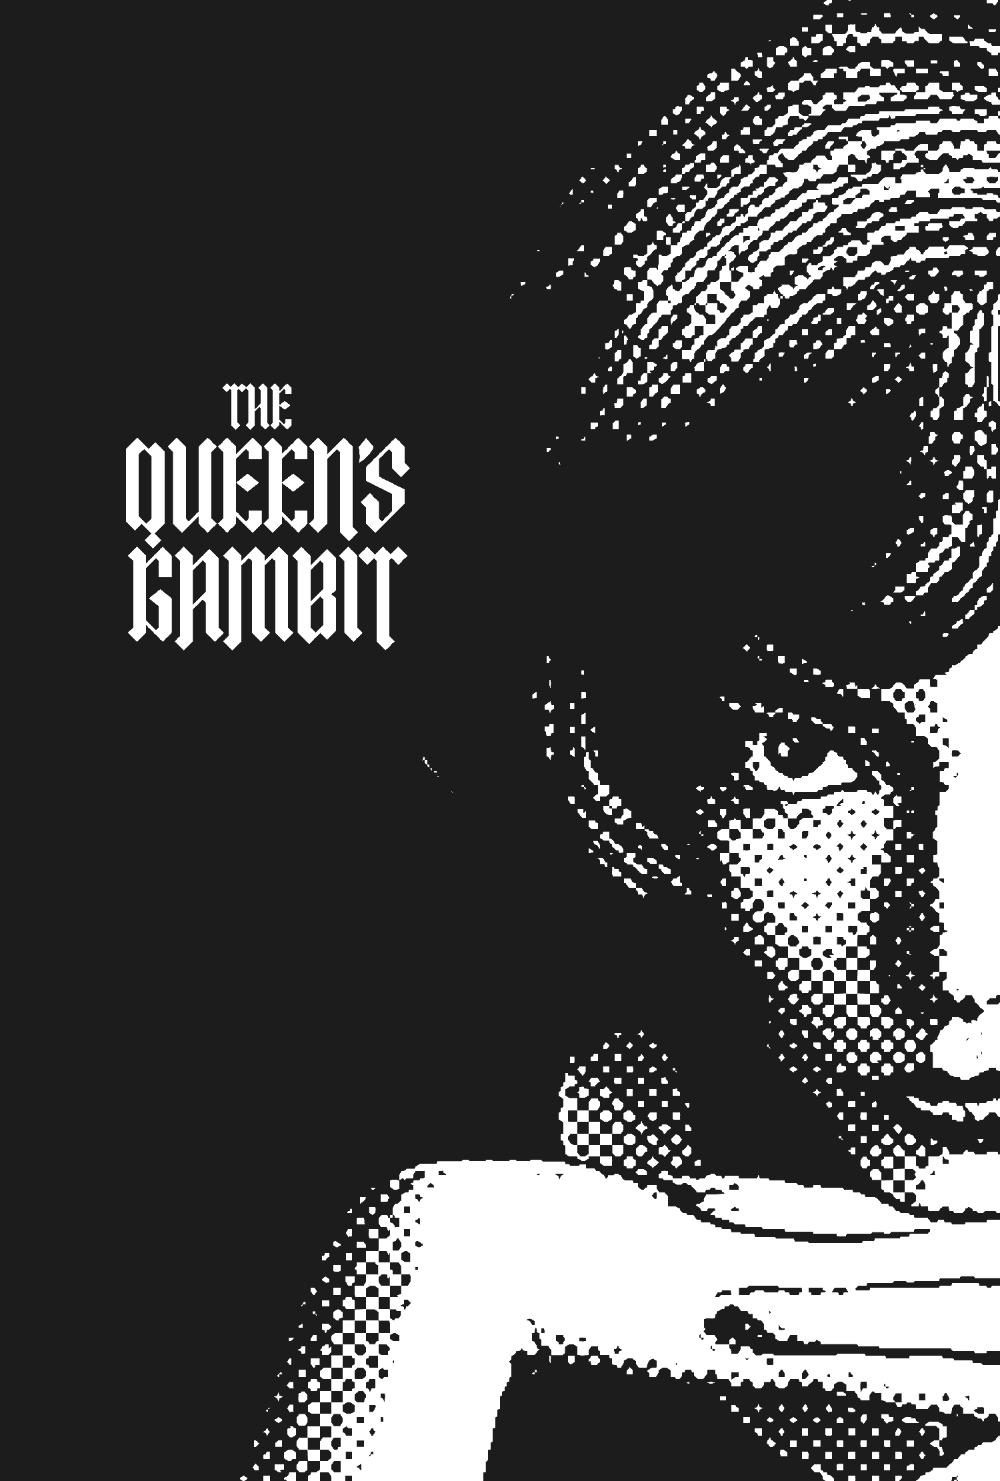 Queen's Gambit - PosterSpy